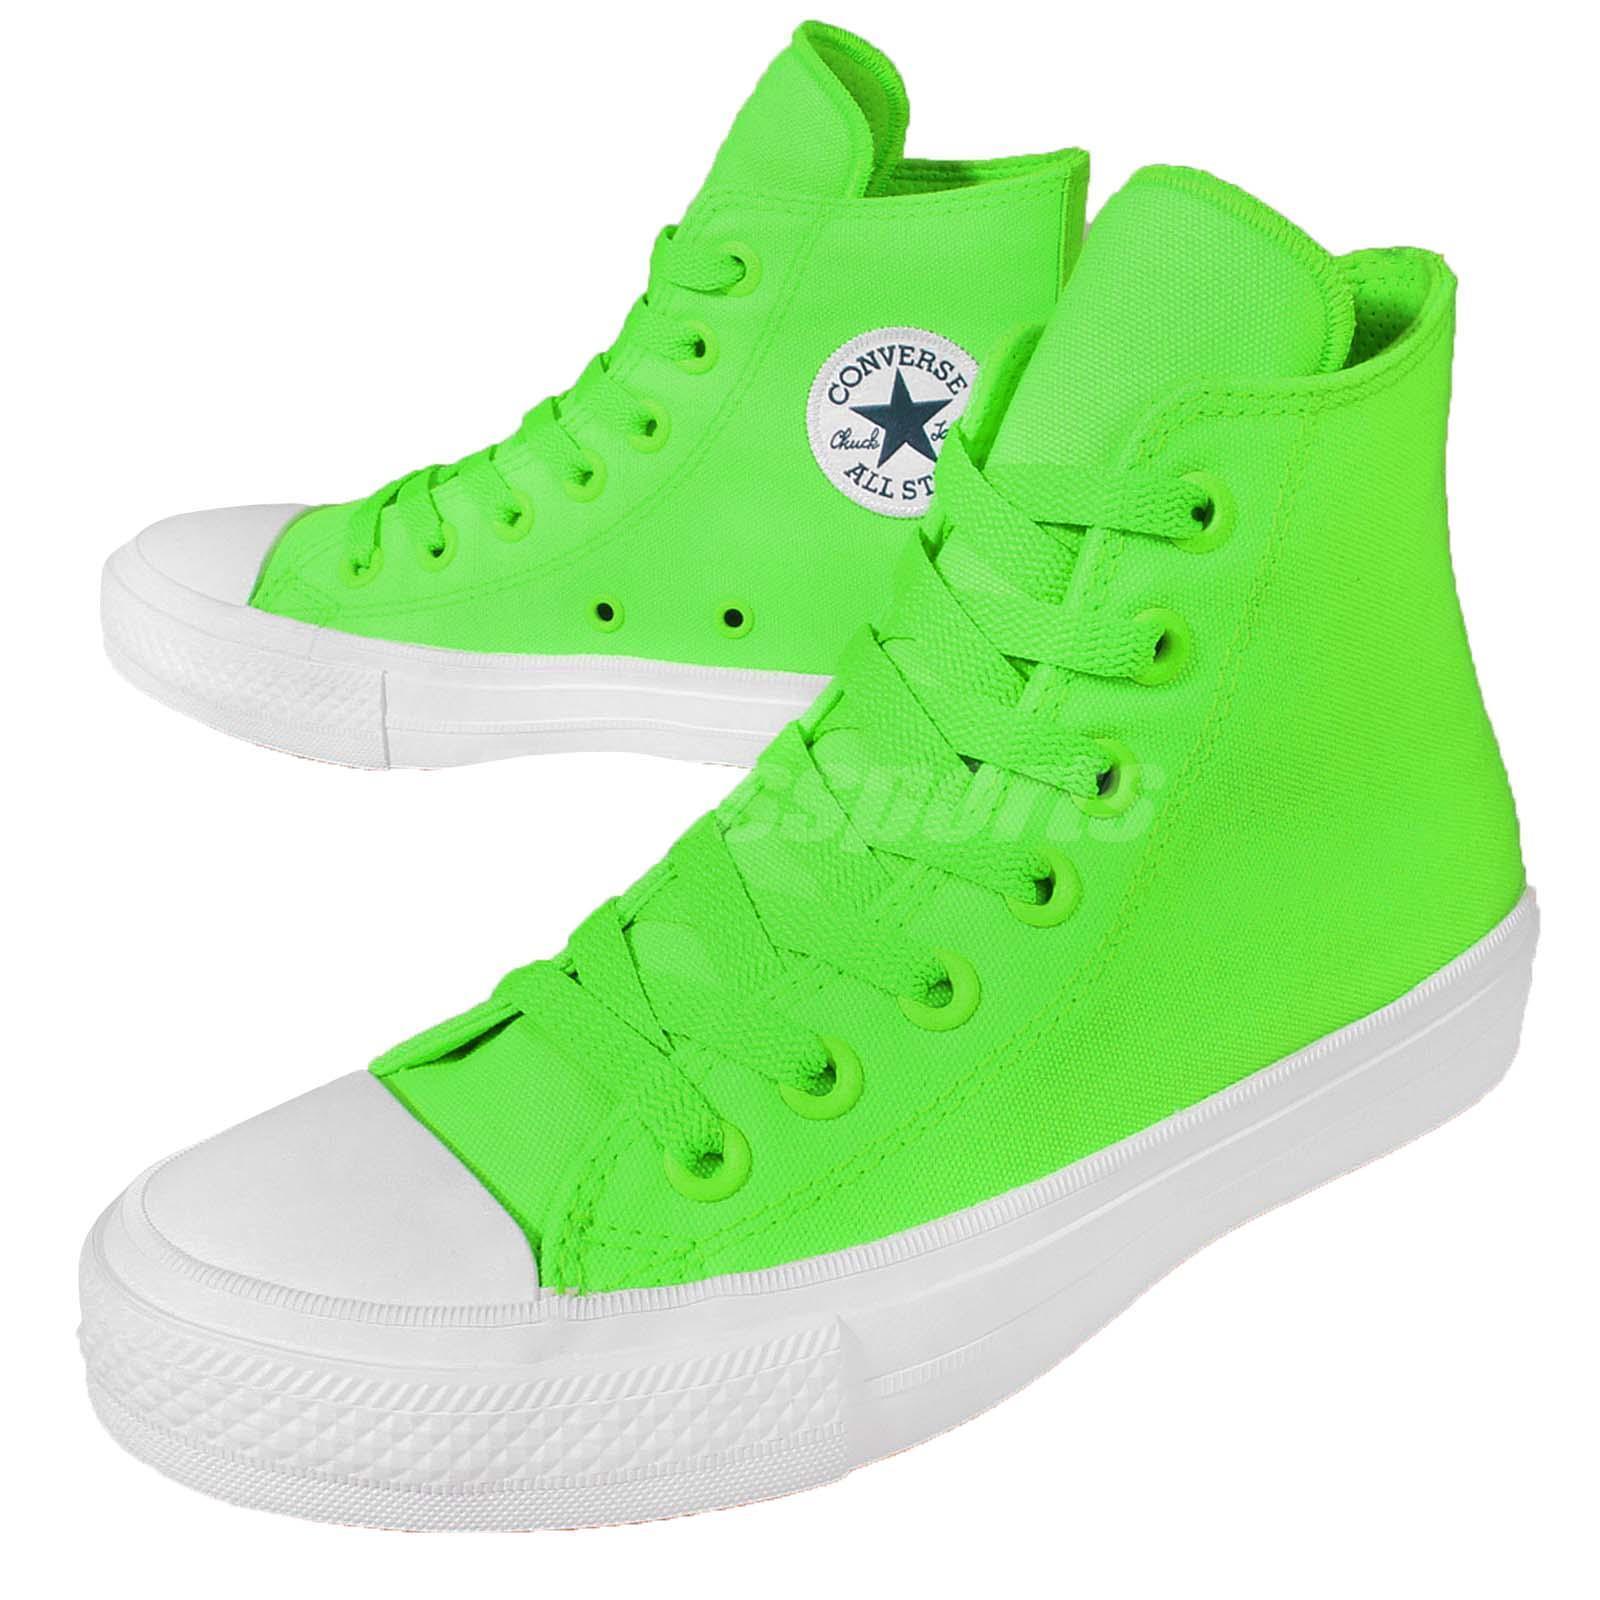 Converse Chuck Taylor All Star II 2 Lunarlon Neon Vert Plimsolls Chaussures 151118C